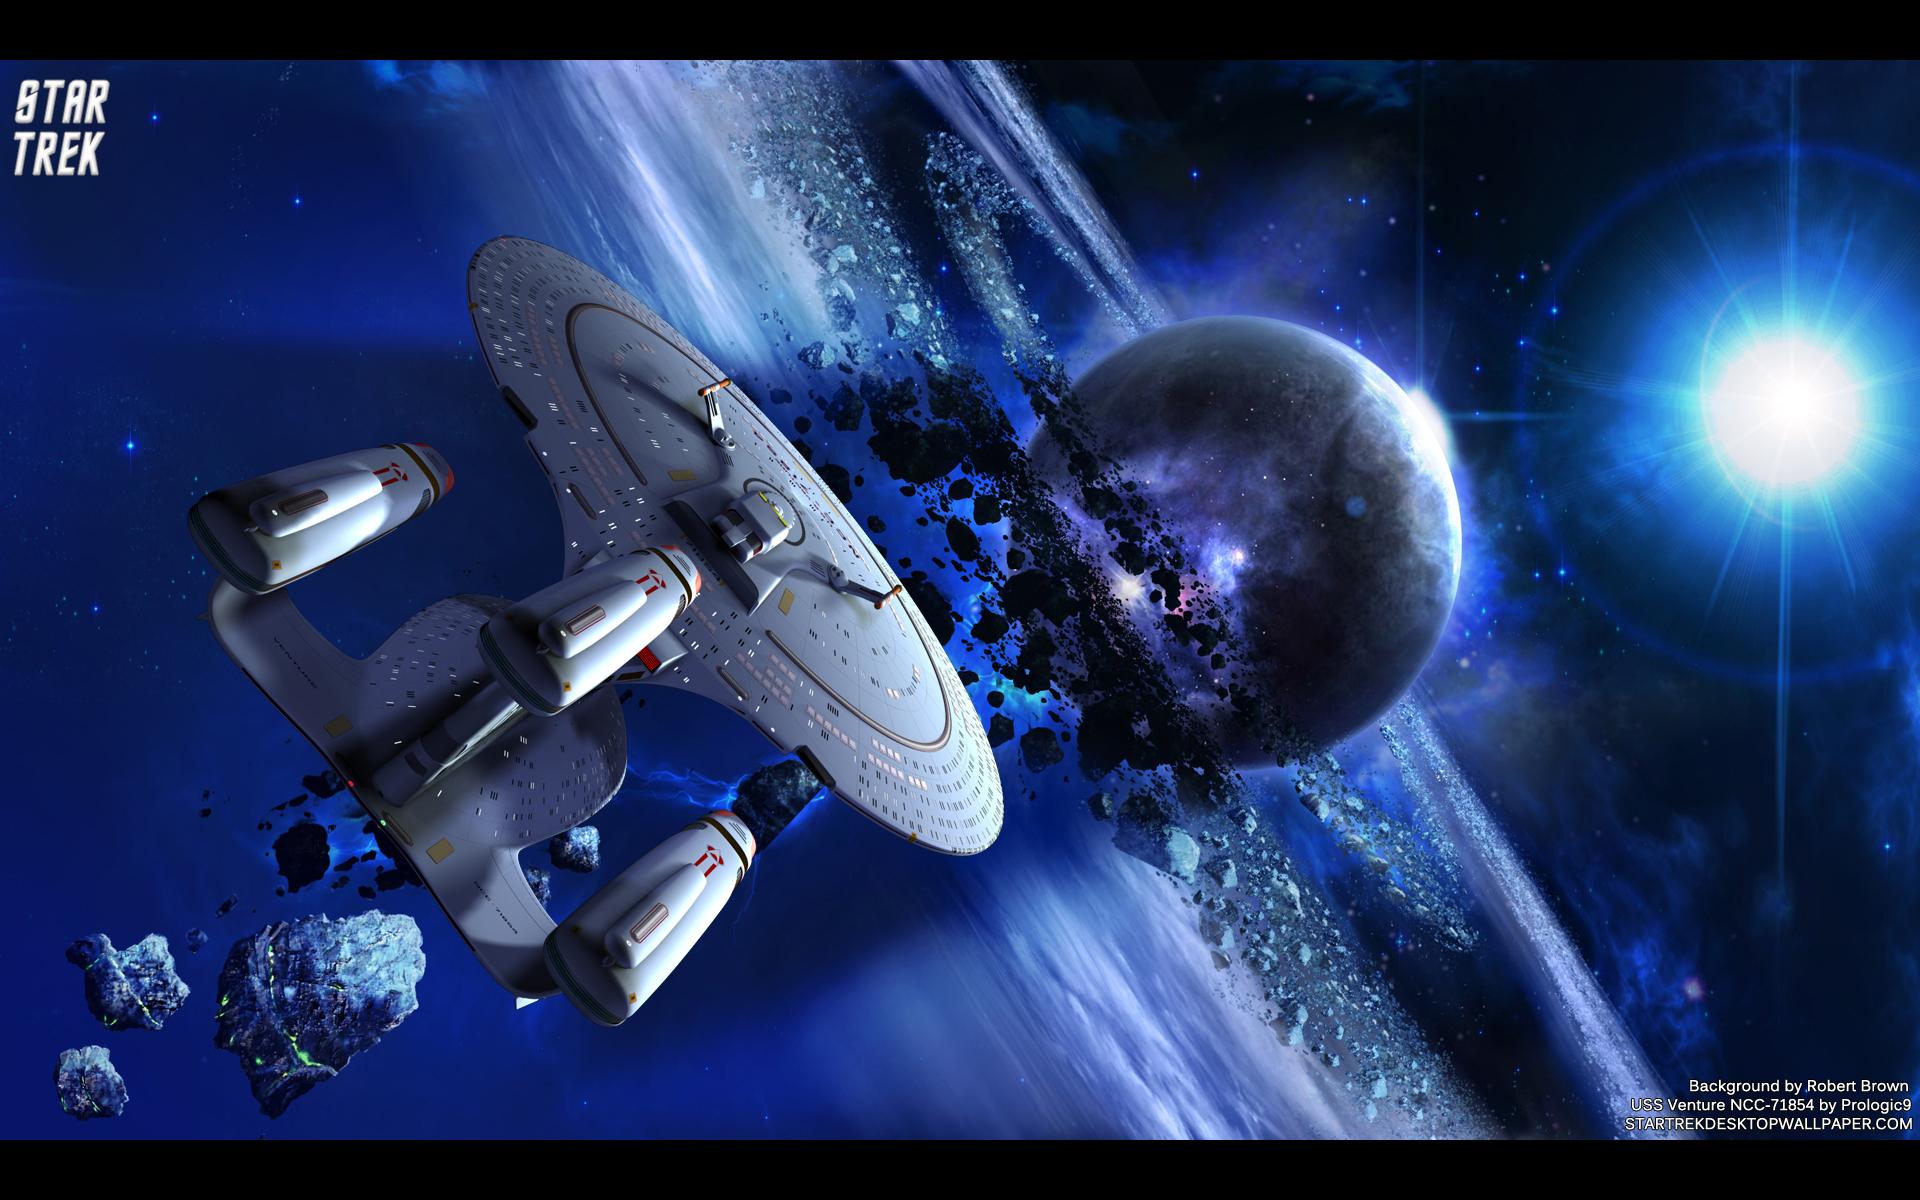 Free Download Trek Uss Venture Ncc71854 Star Trek Computer Desktop